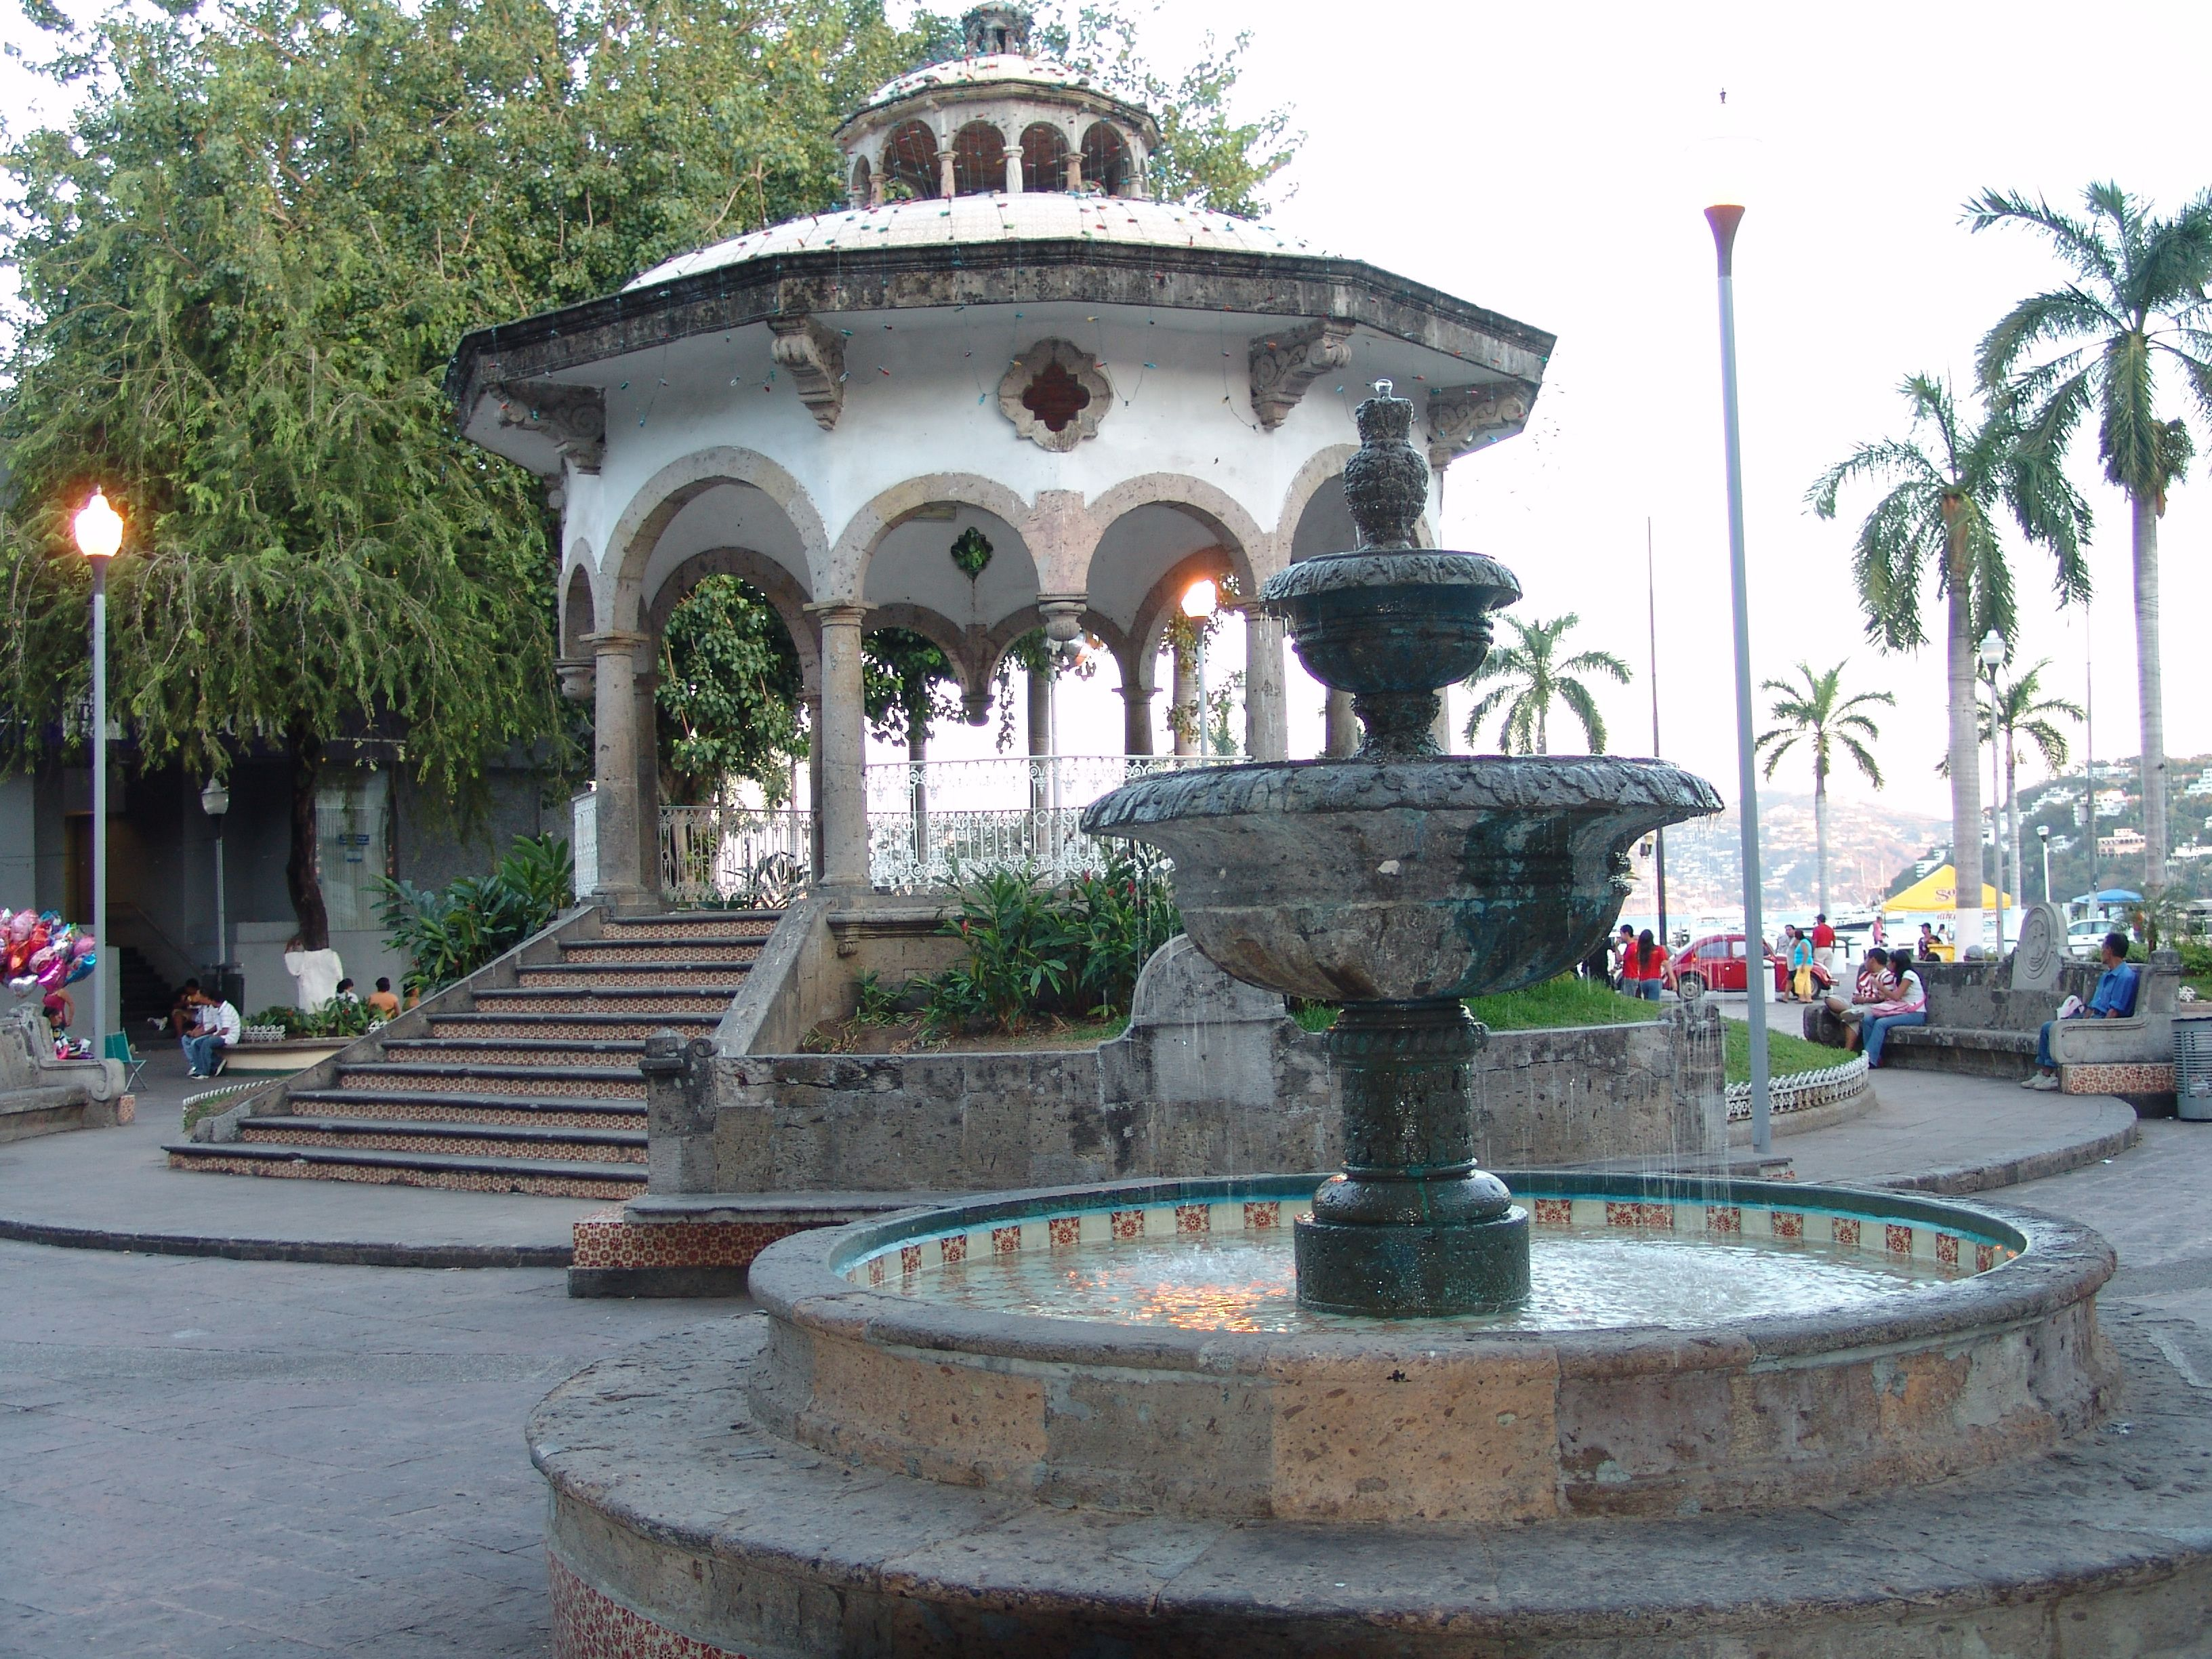 Acapulco's main square, the Zocalo